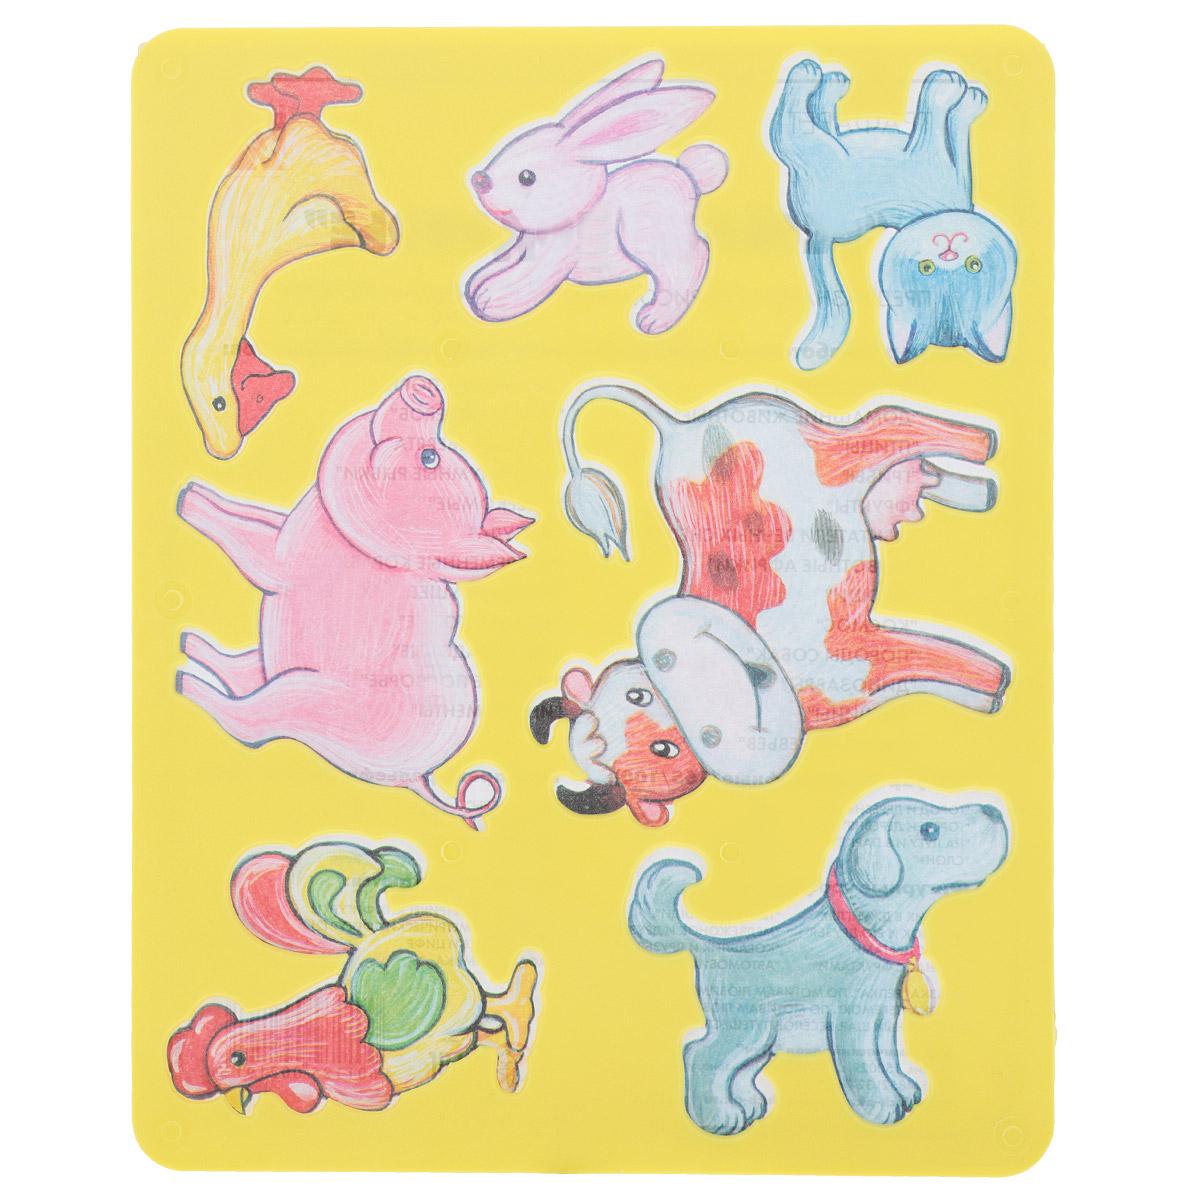 Луч Трафарет прорезной Веселое подворье, цвет: желтый10С 568-08Трафарет Луч Веселое подворье, выполненный из безопасного пластика, предназначен для детского творчества. По трафарету Веселое подворье маленькие художники смогут нарисовать различных домашних животных и сюжеты с ними. Для этого необходимо положить трафарет на лист бумаги, обвести фигуру по контуру и раскрасить по своему вкусу или глядя на цветную картинку-образец. Трафареты предназначены для развития у детей мелкой моторики и зрительно-двигательной координации, навыков художественной композиции и зрительного восприятия.